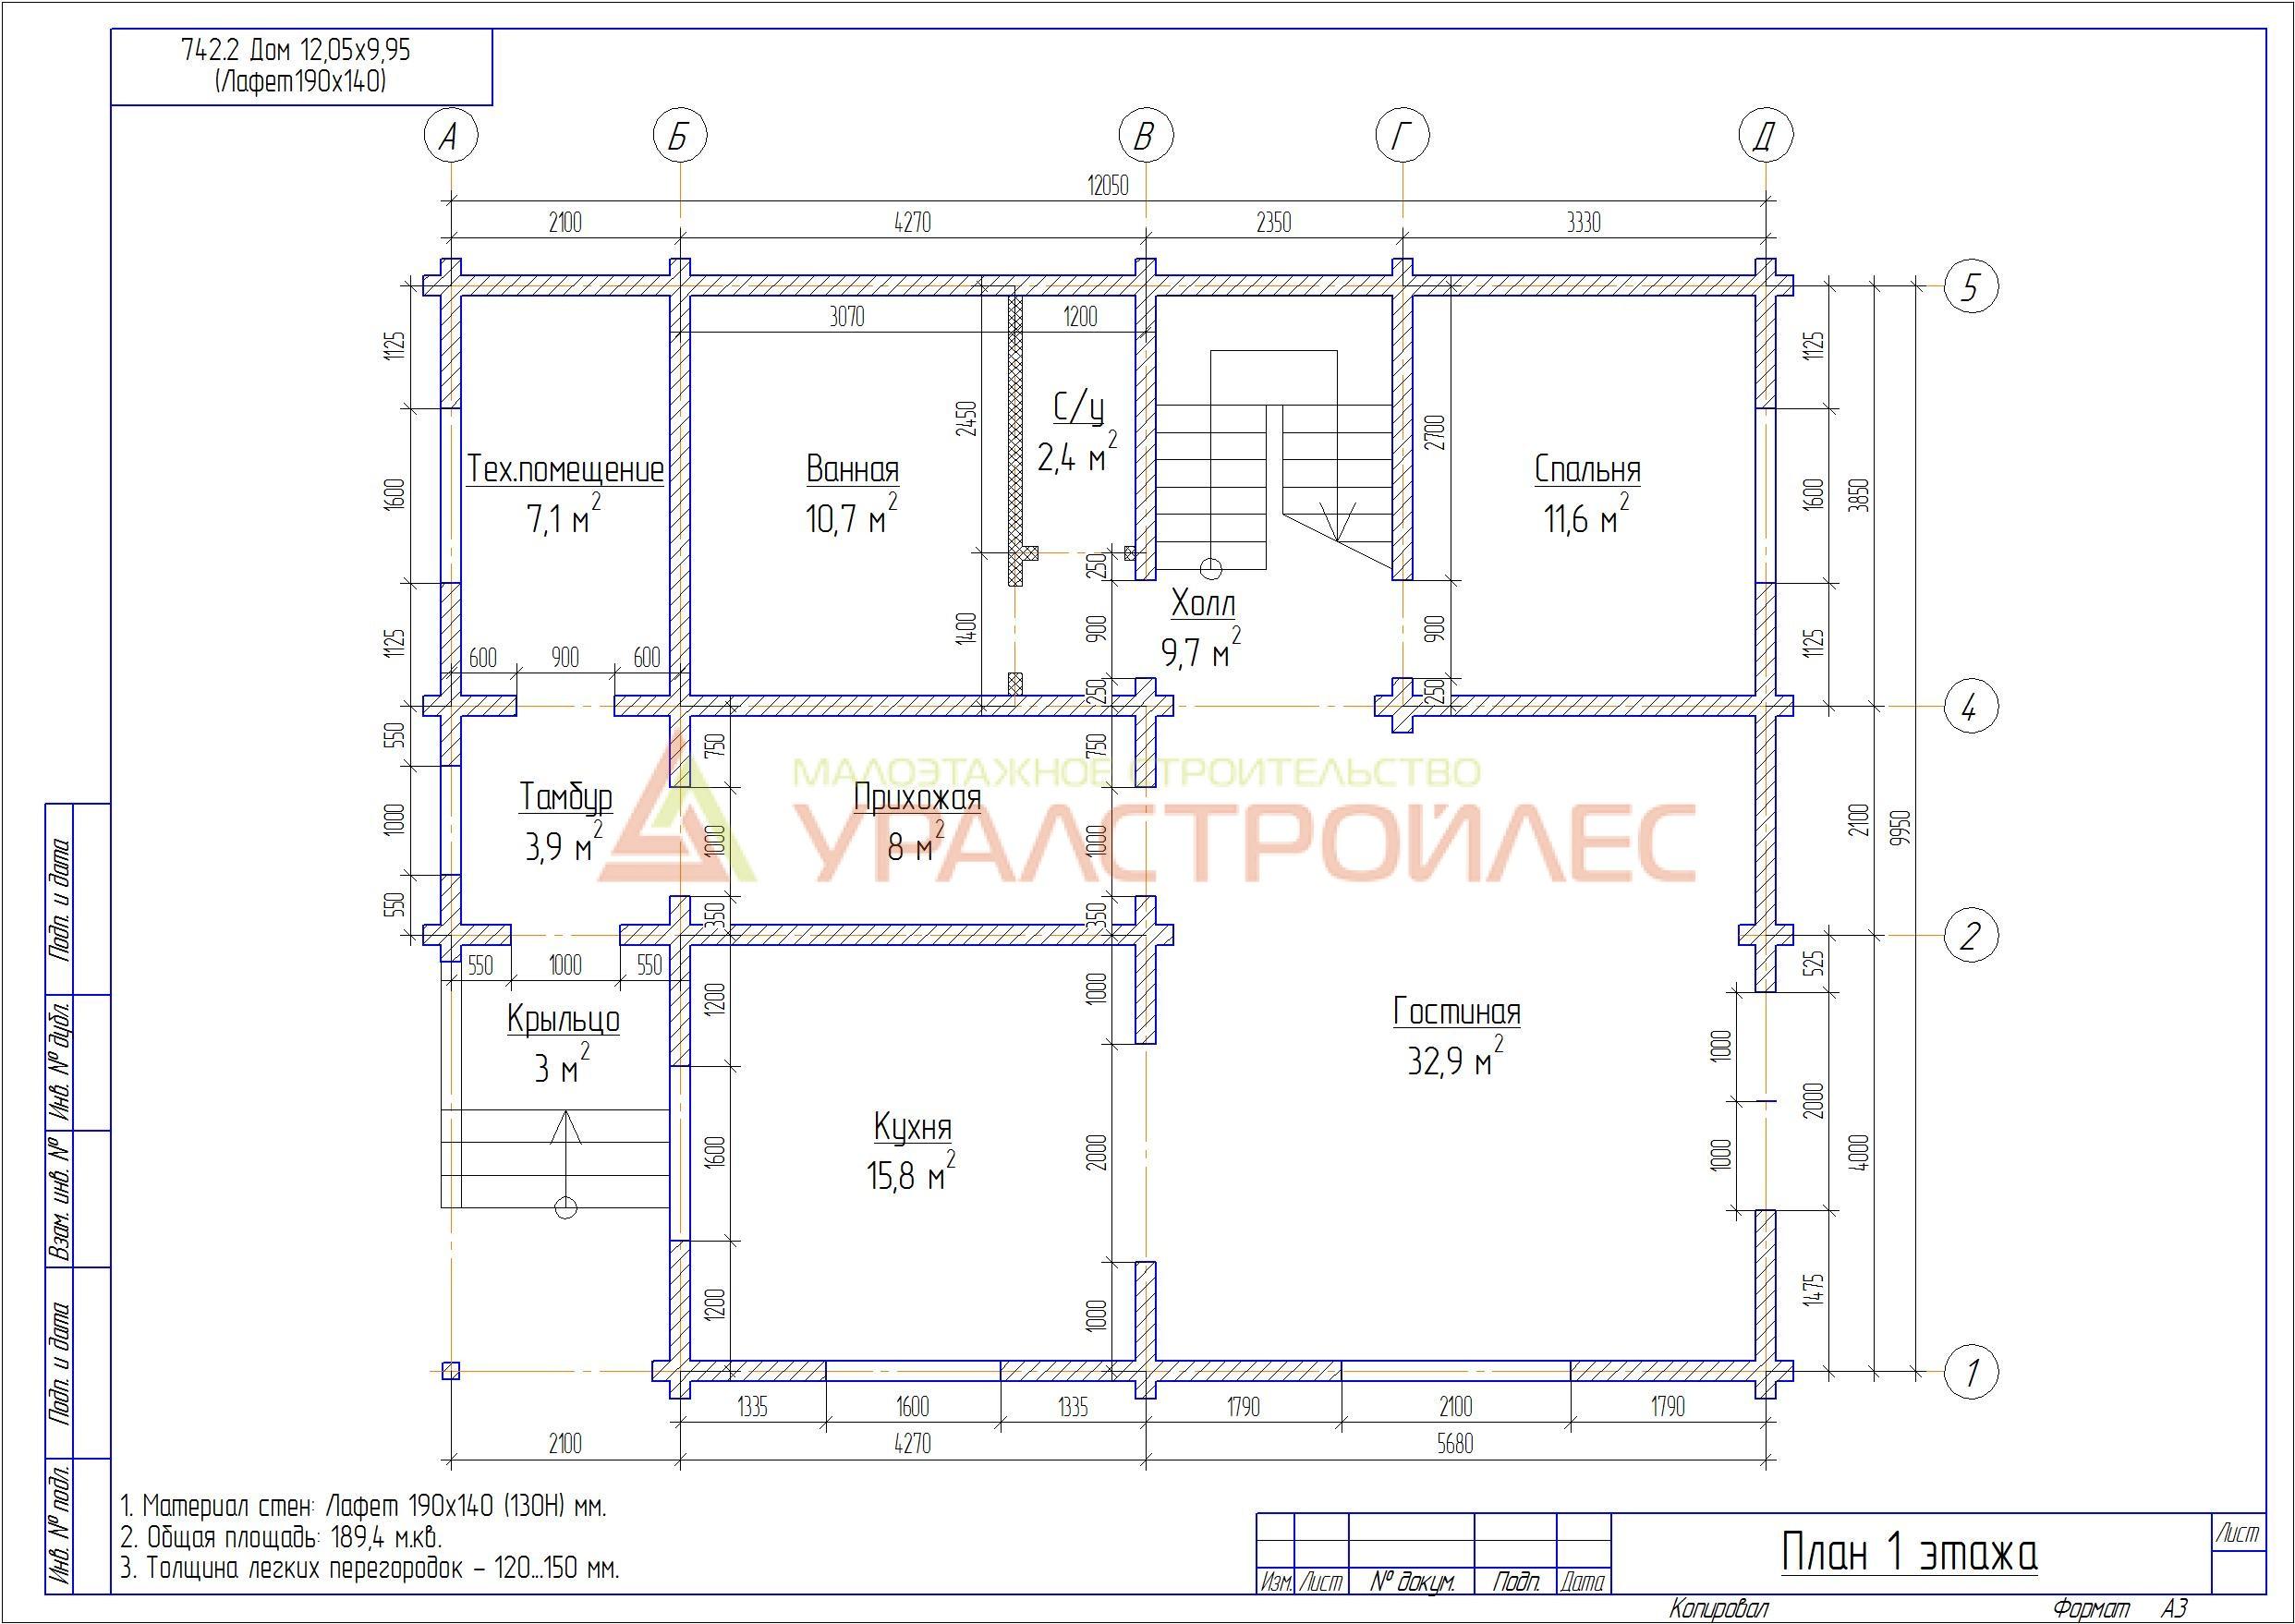 Проект № 742.2  Дом двух этажный  из ЛАФЕТ. Г. Тюмень пос. Березняки.